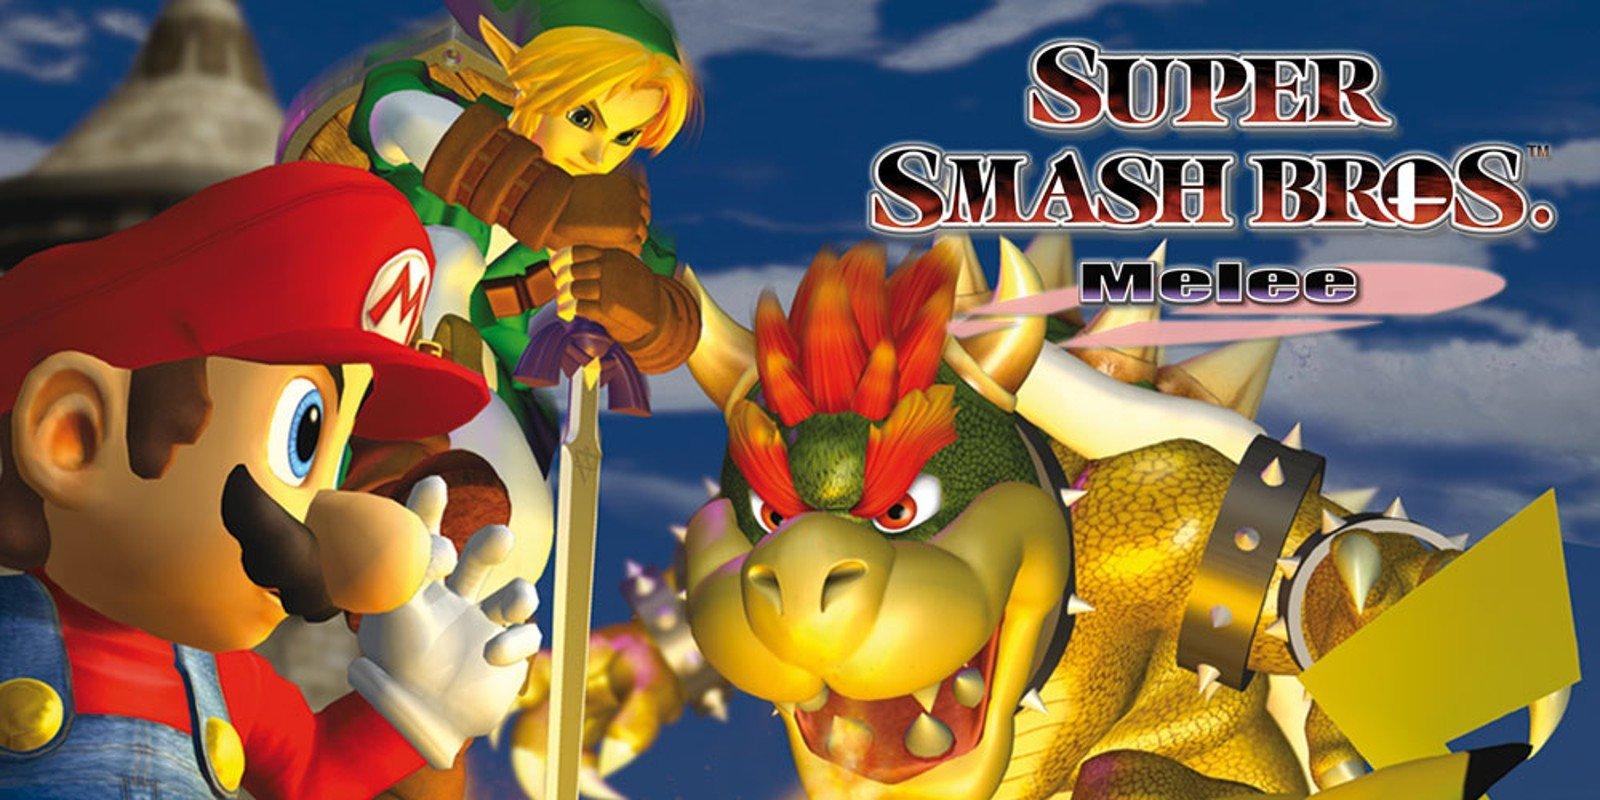 Un día como hoy llega Super Smash Bros. Melee